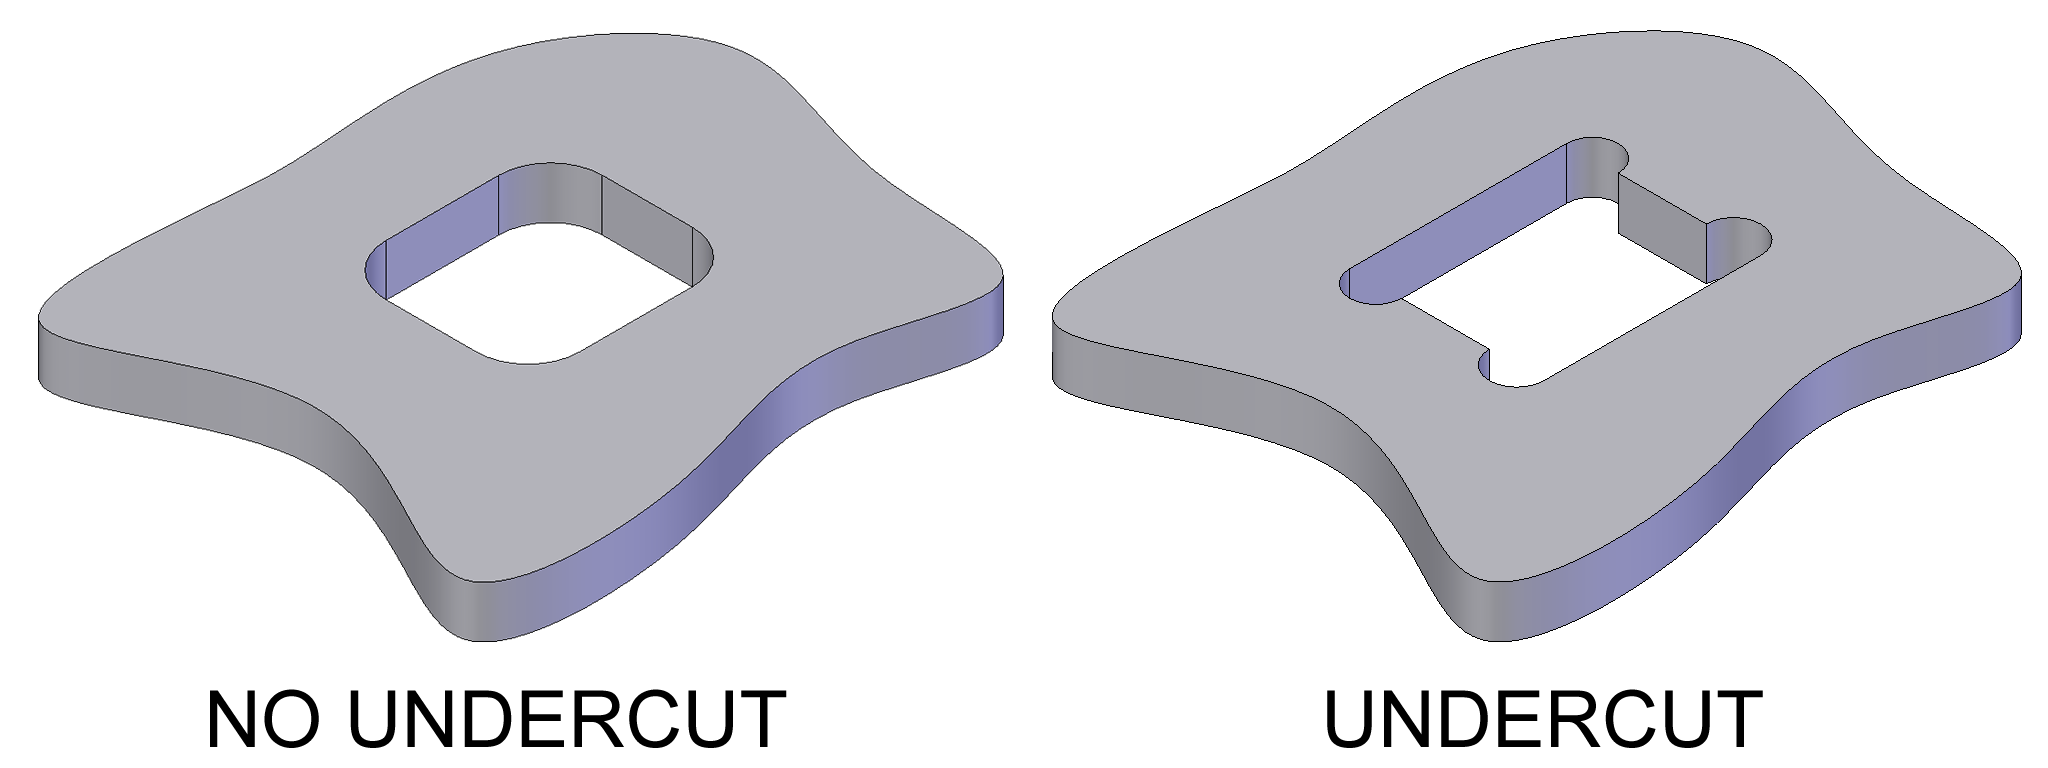 Undercut (manufacturing)   Wiki   Everipedia